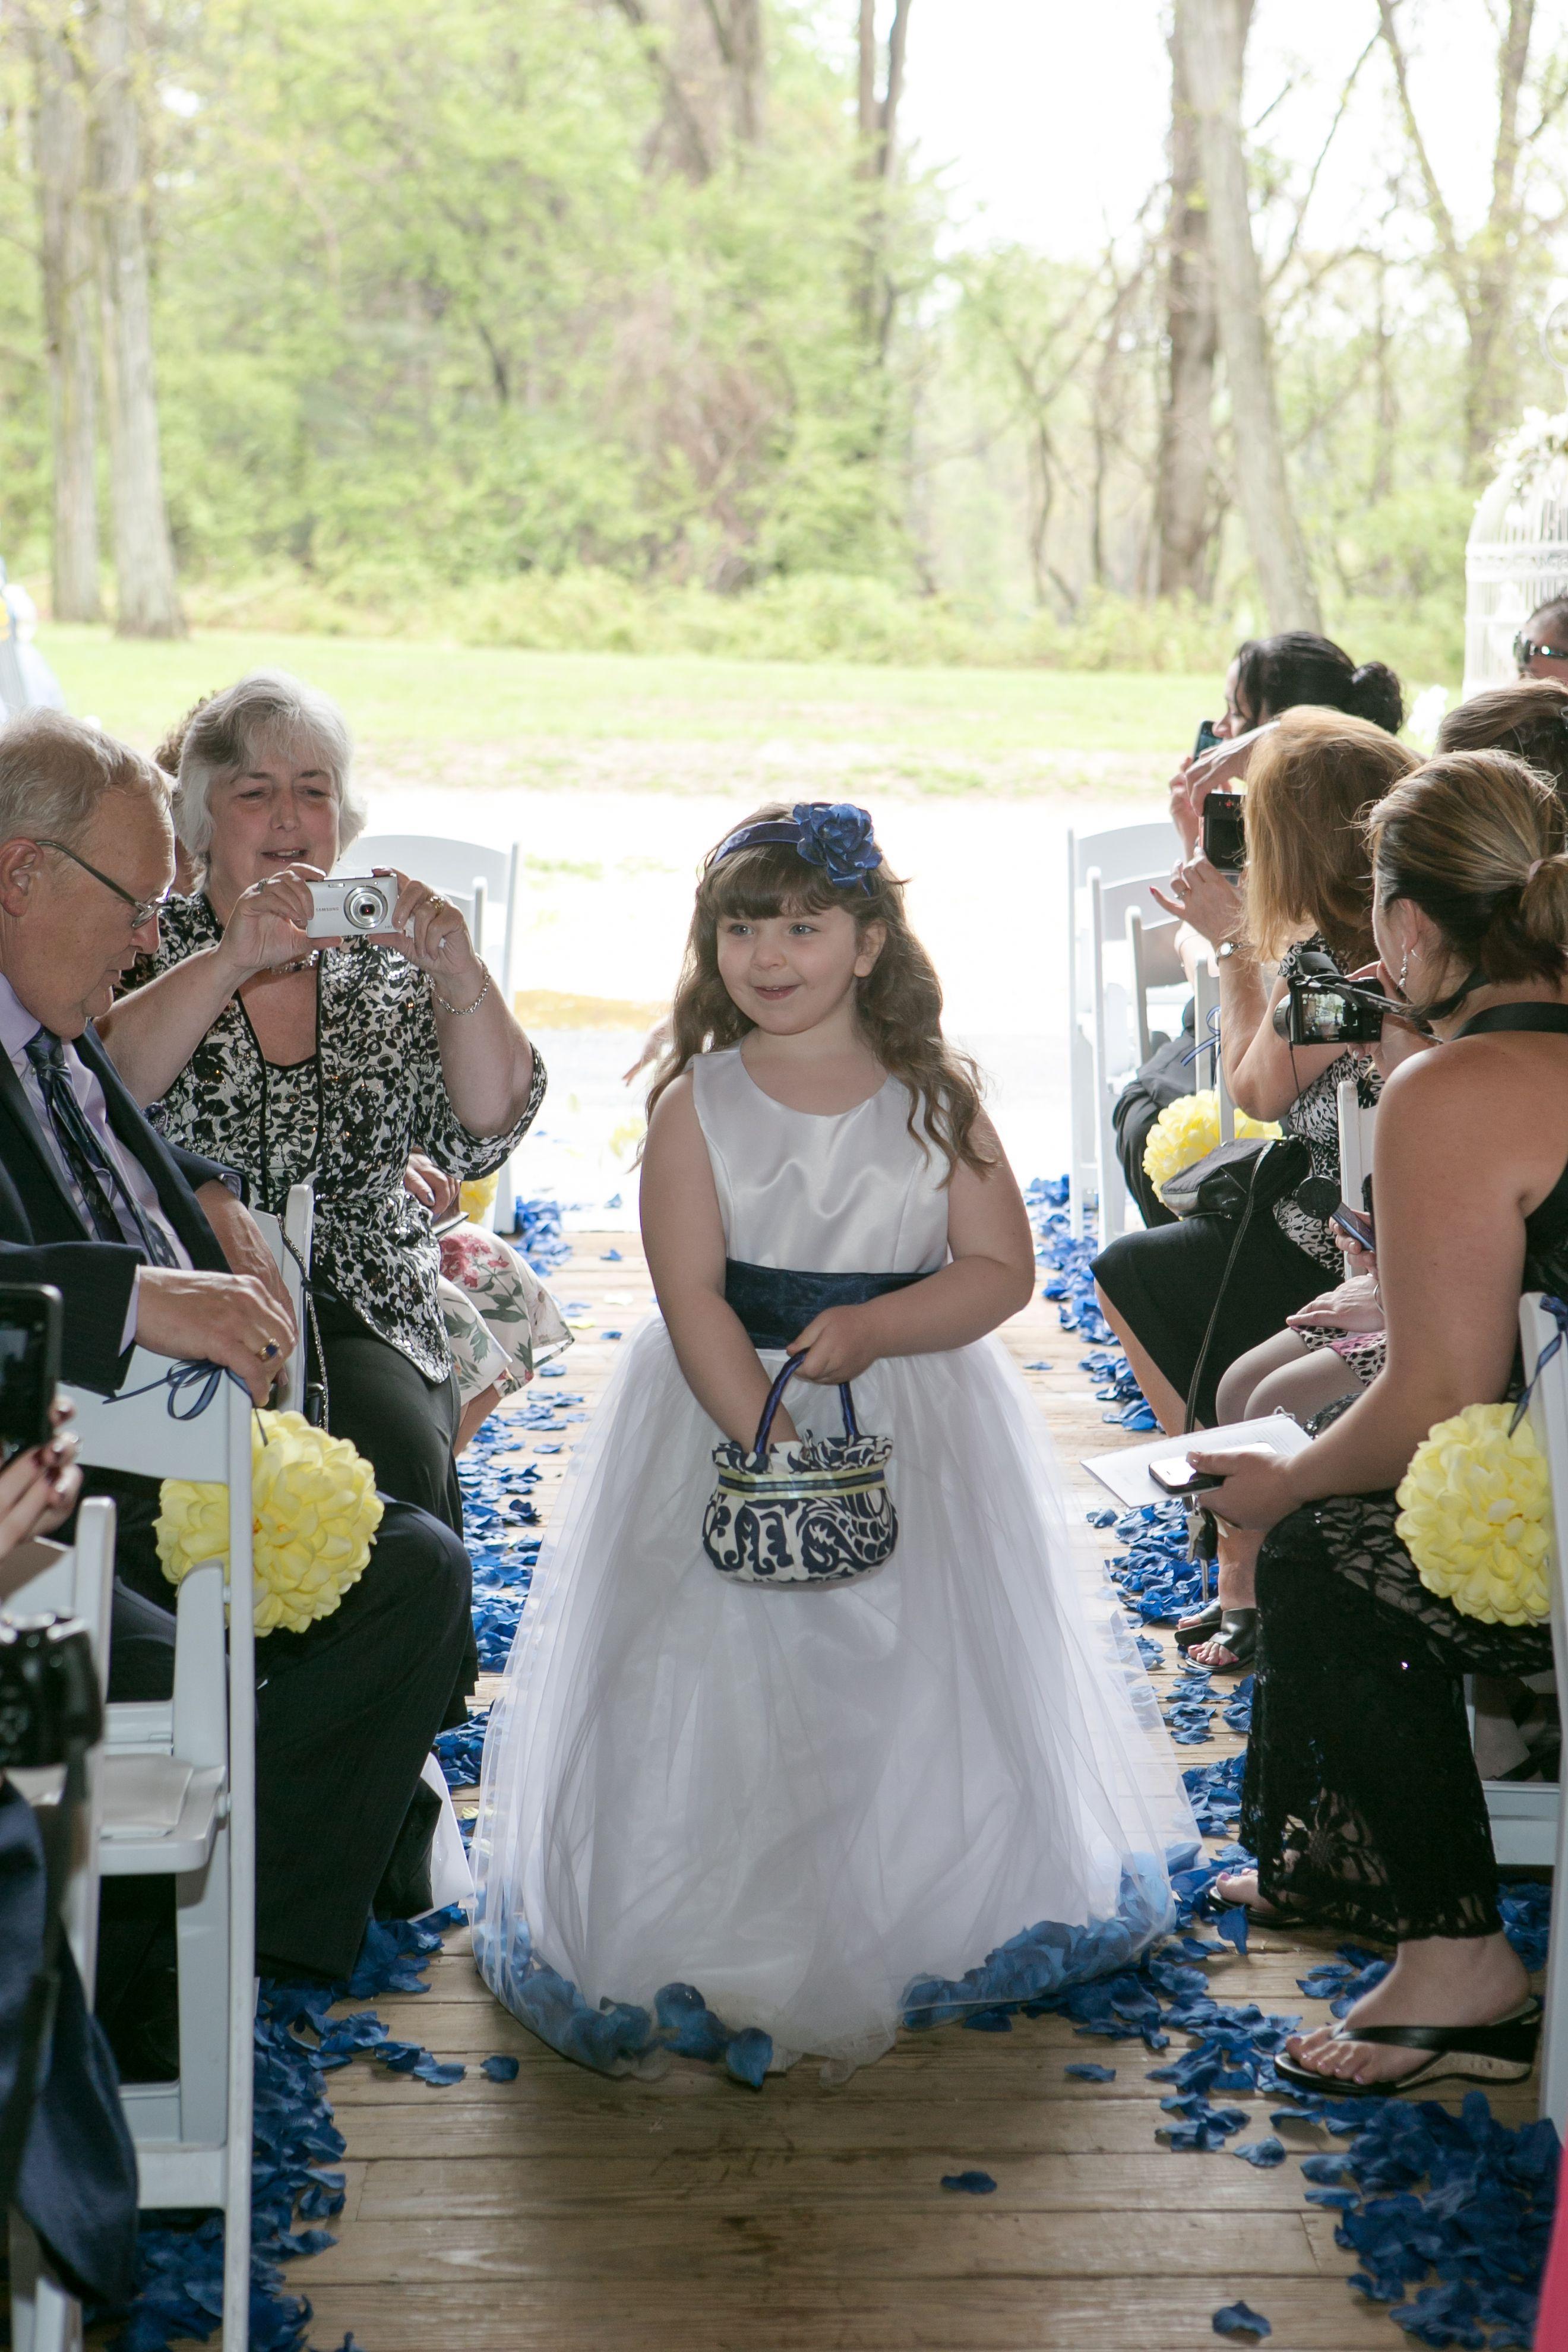 Royal themed wedding dresses  Wedding ceremony photos Unique wedding ideas Farm  barn wedding